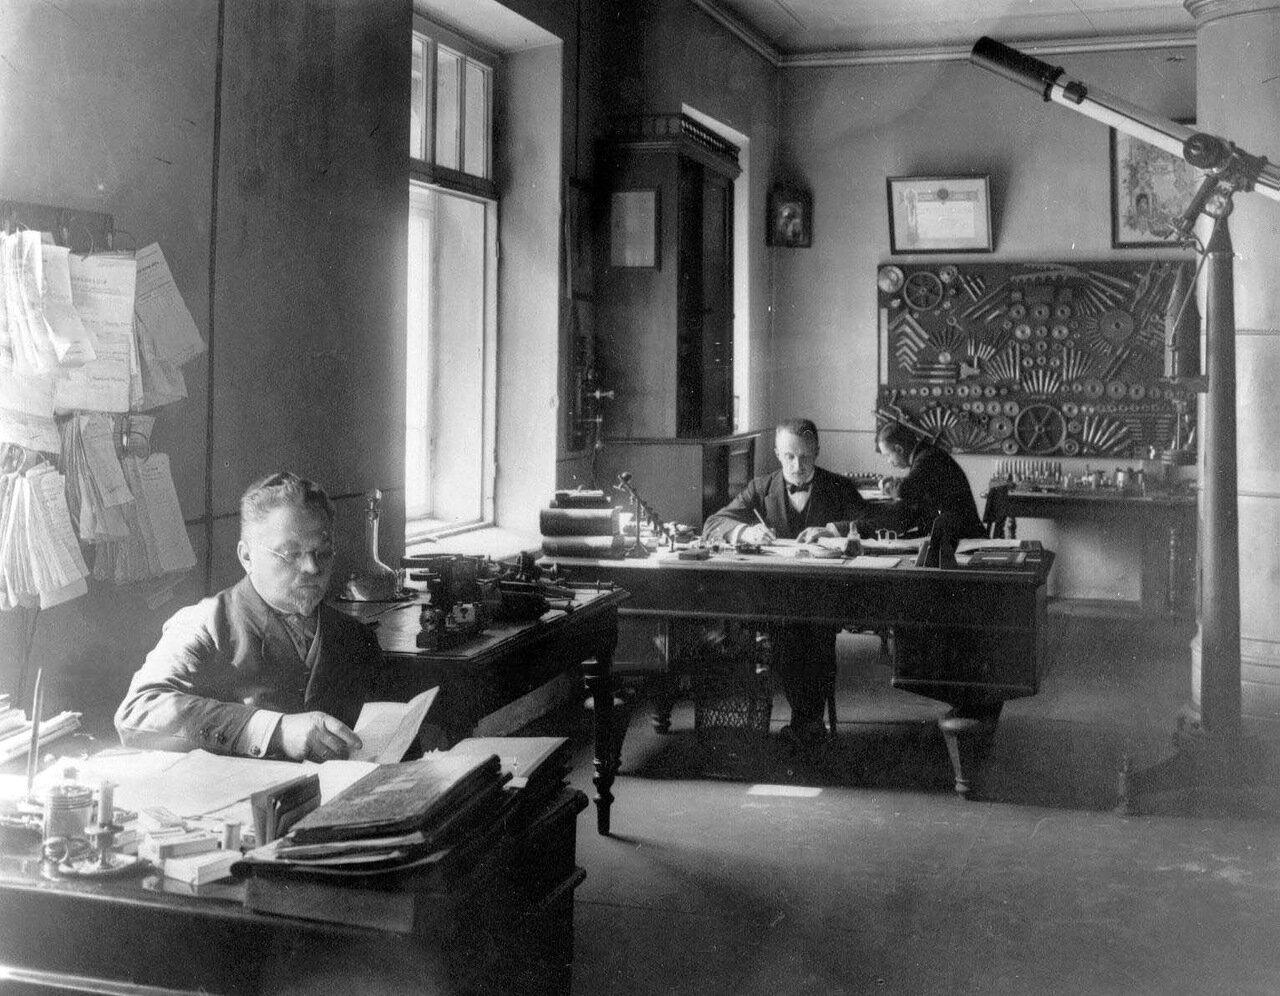 Механический завод Г.М.Пек (Церковная ул, д.17а). 22 июня 1912. 01. Контора завода